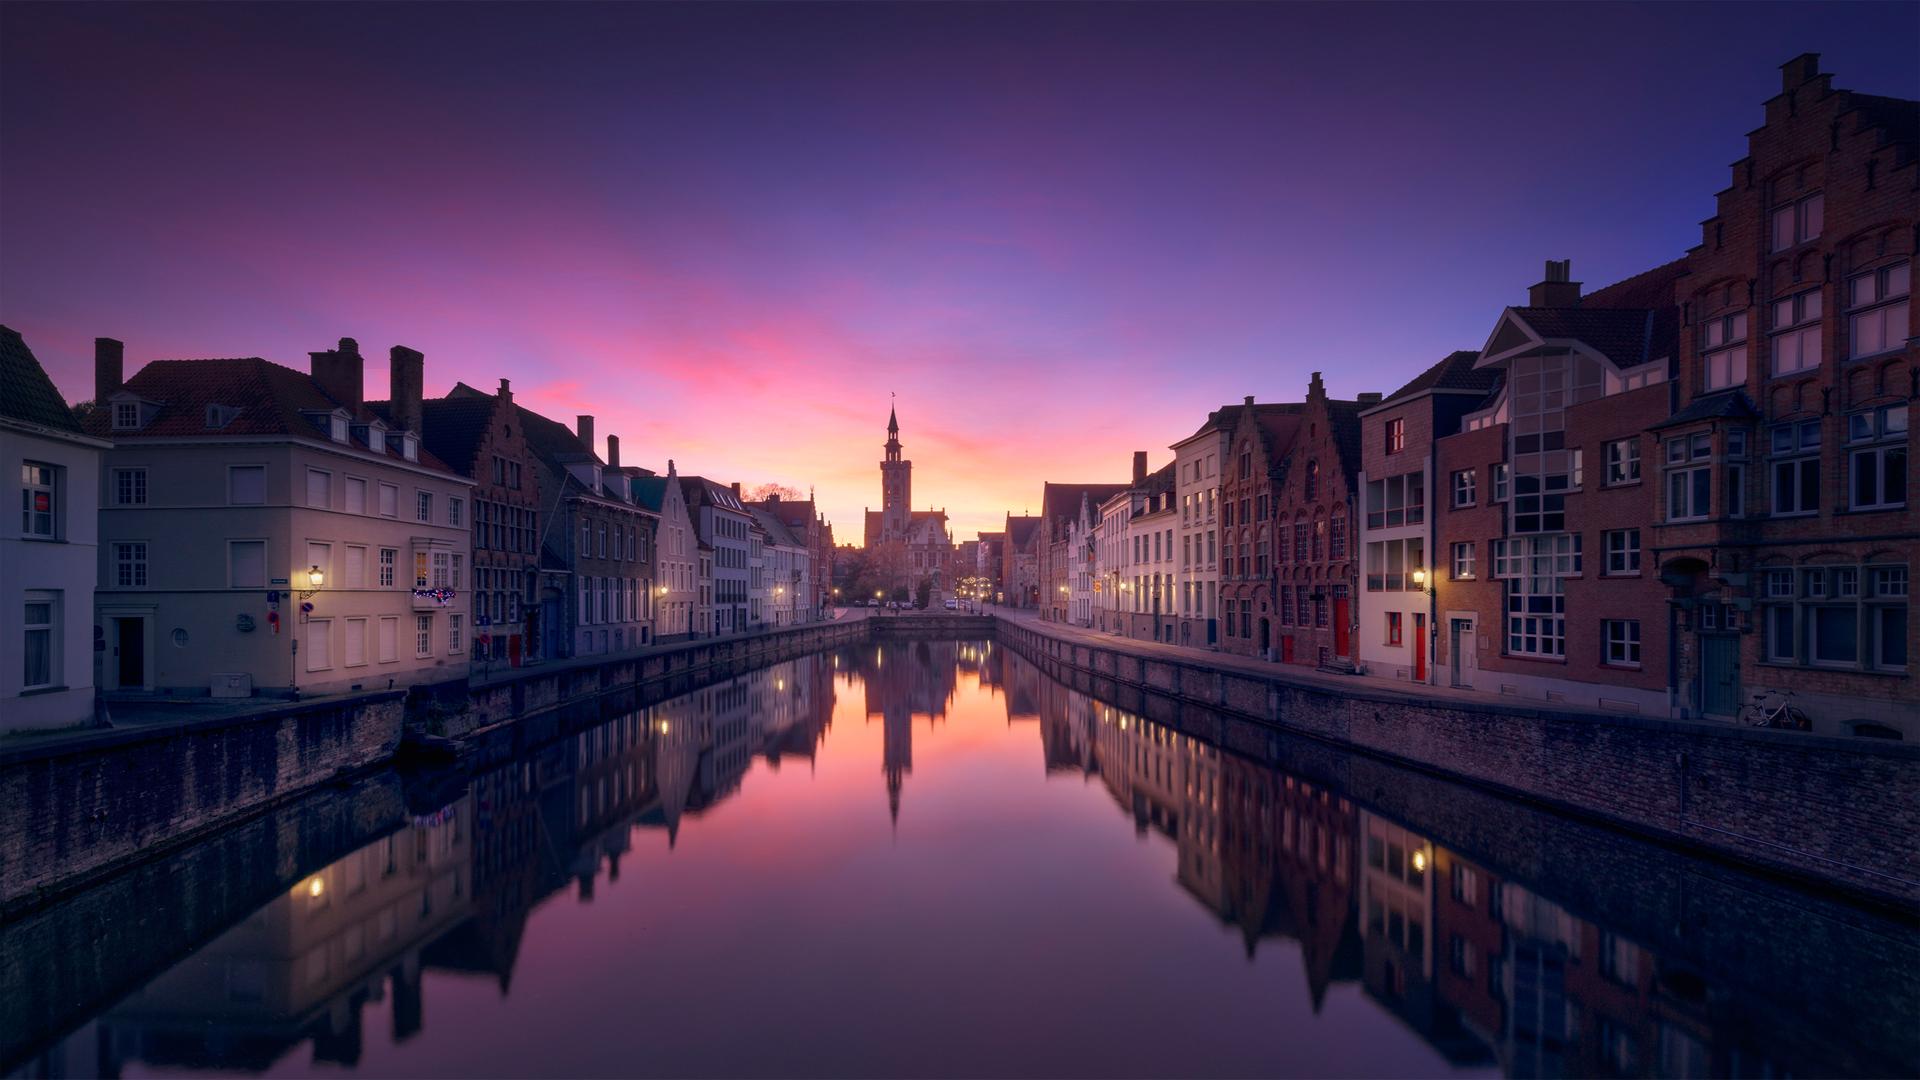 Brugge Sunset [1920x1080] wallpaper 1920x1080